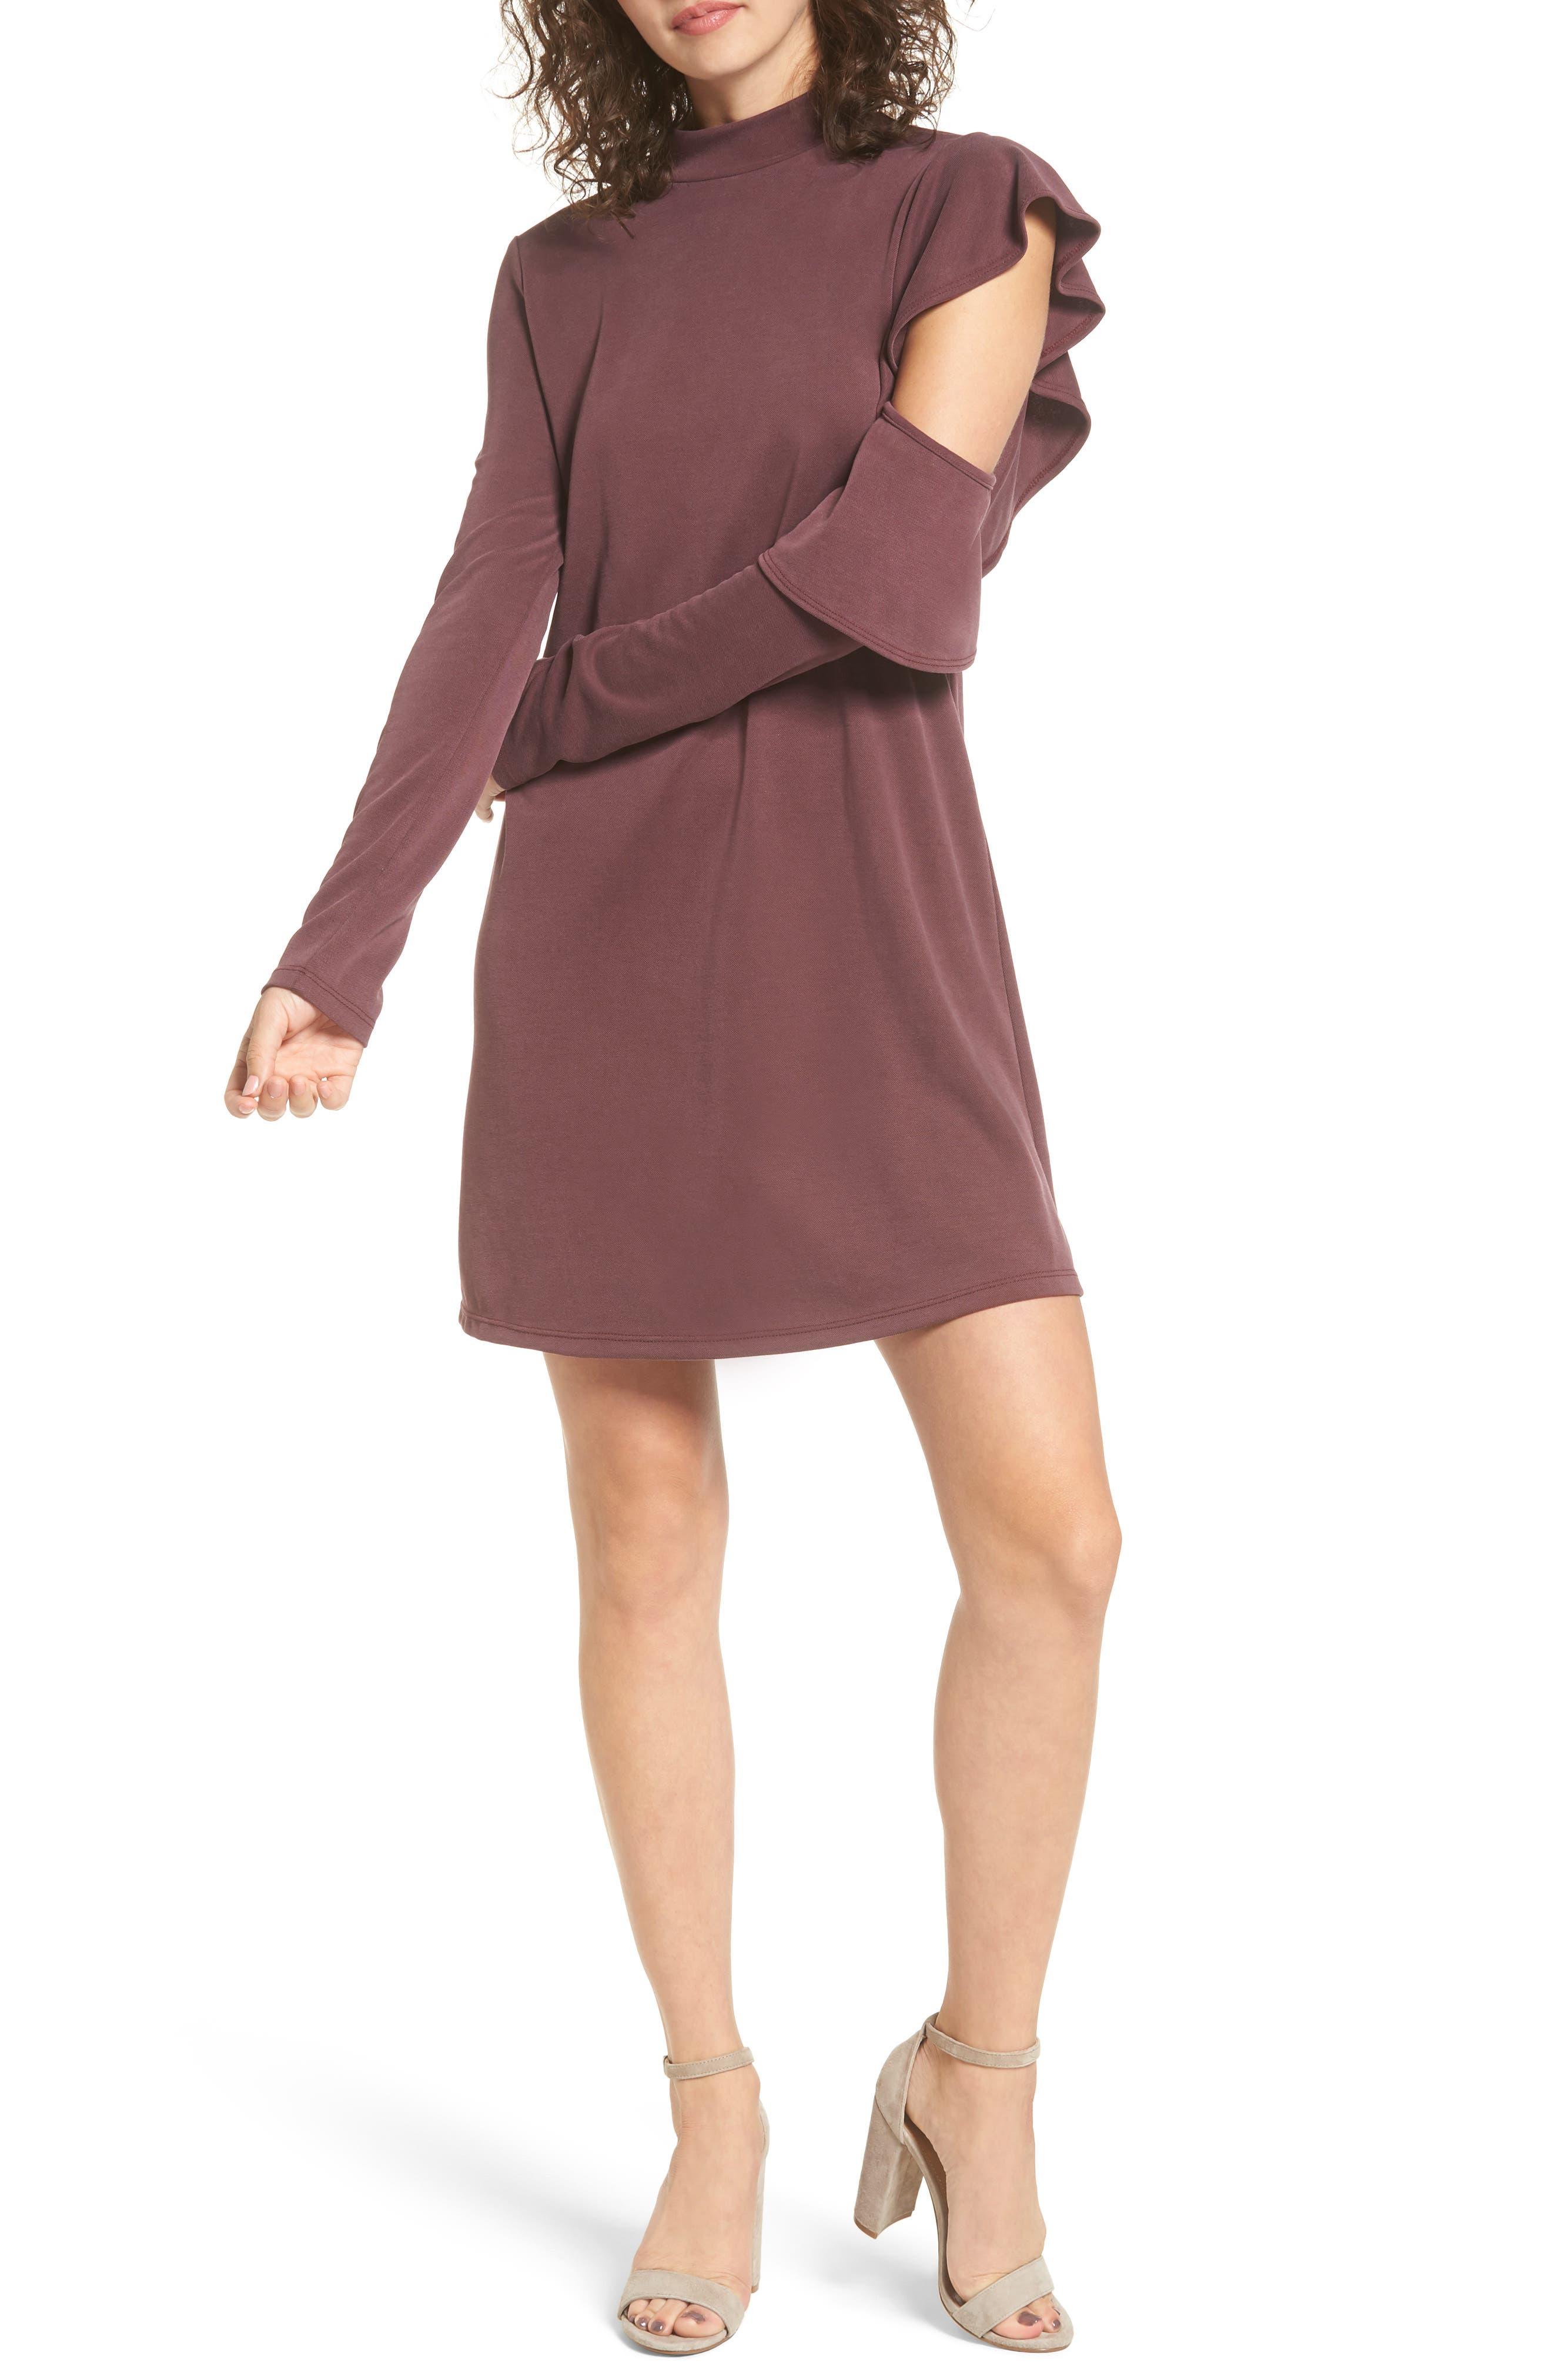 Everly Side Ruffle Knit Dress